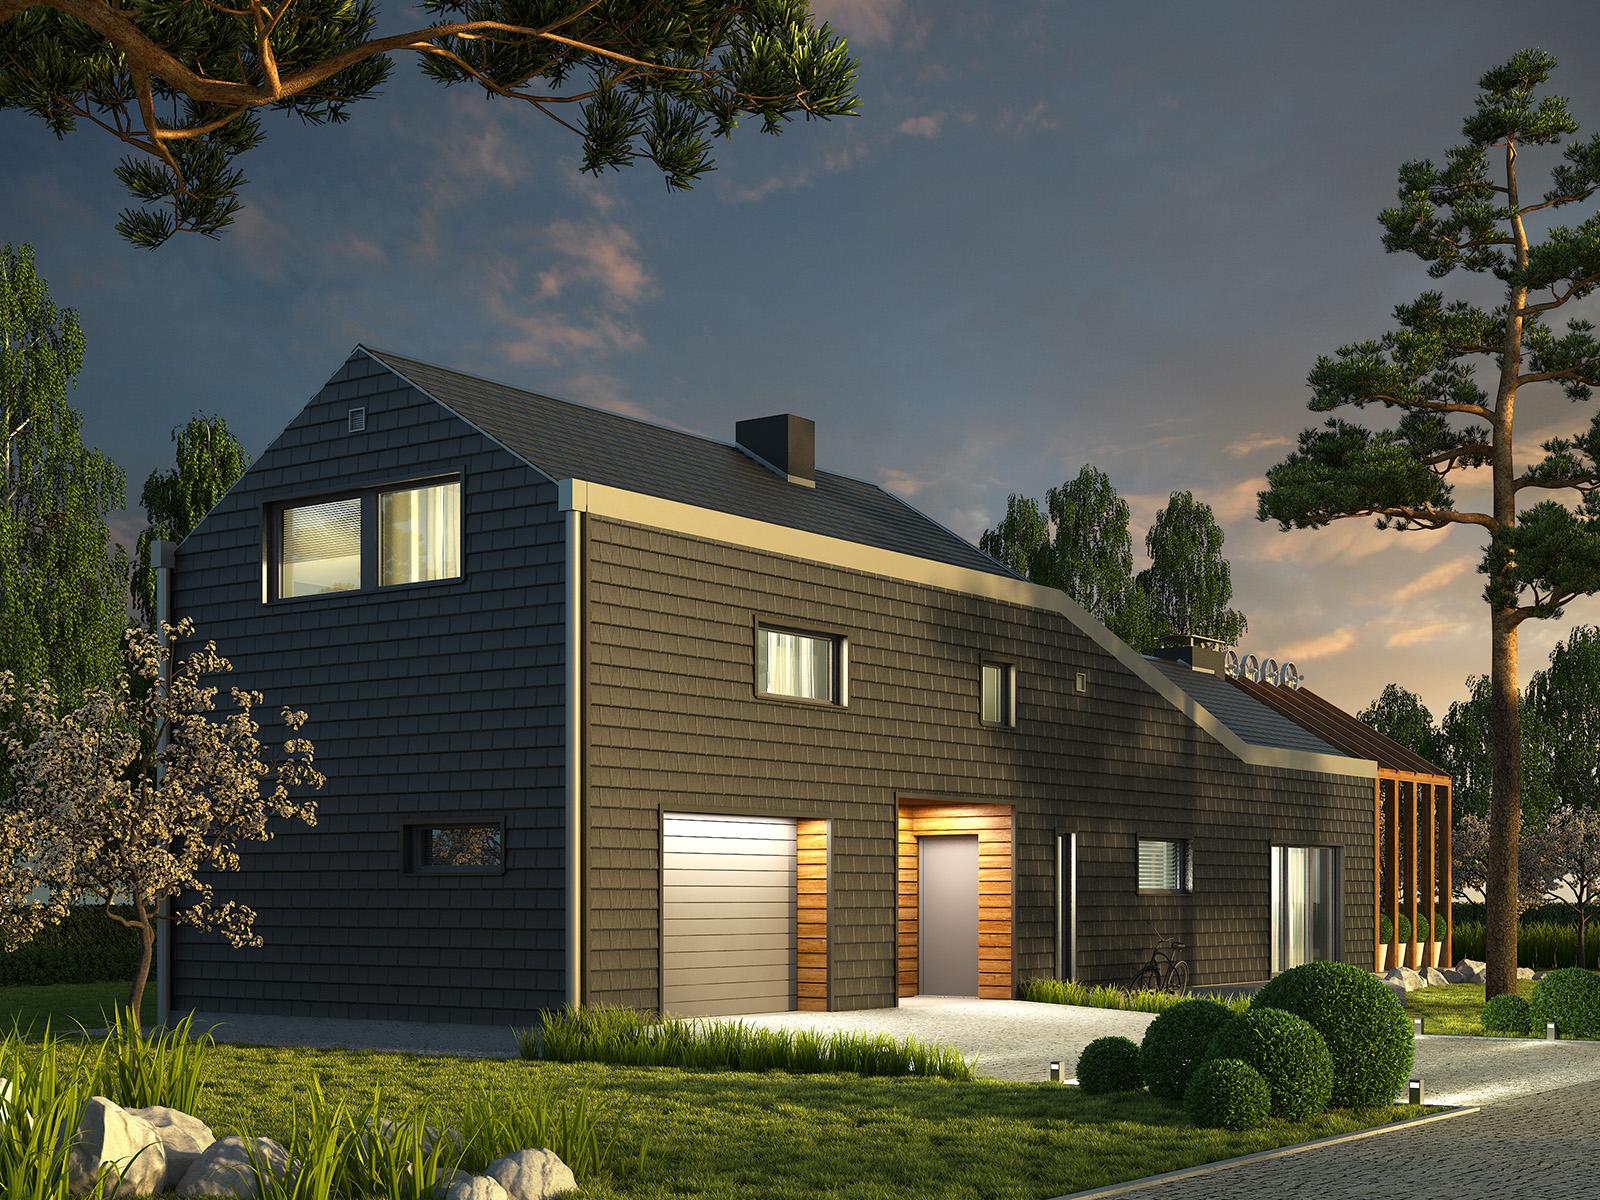 Projekt domu ZYGZAK Domy Czystej Energii widok od frontu